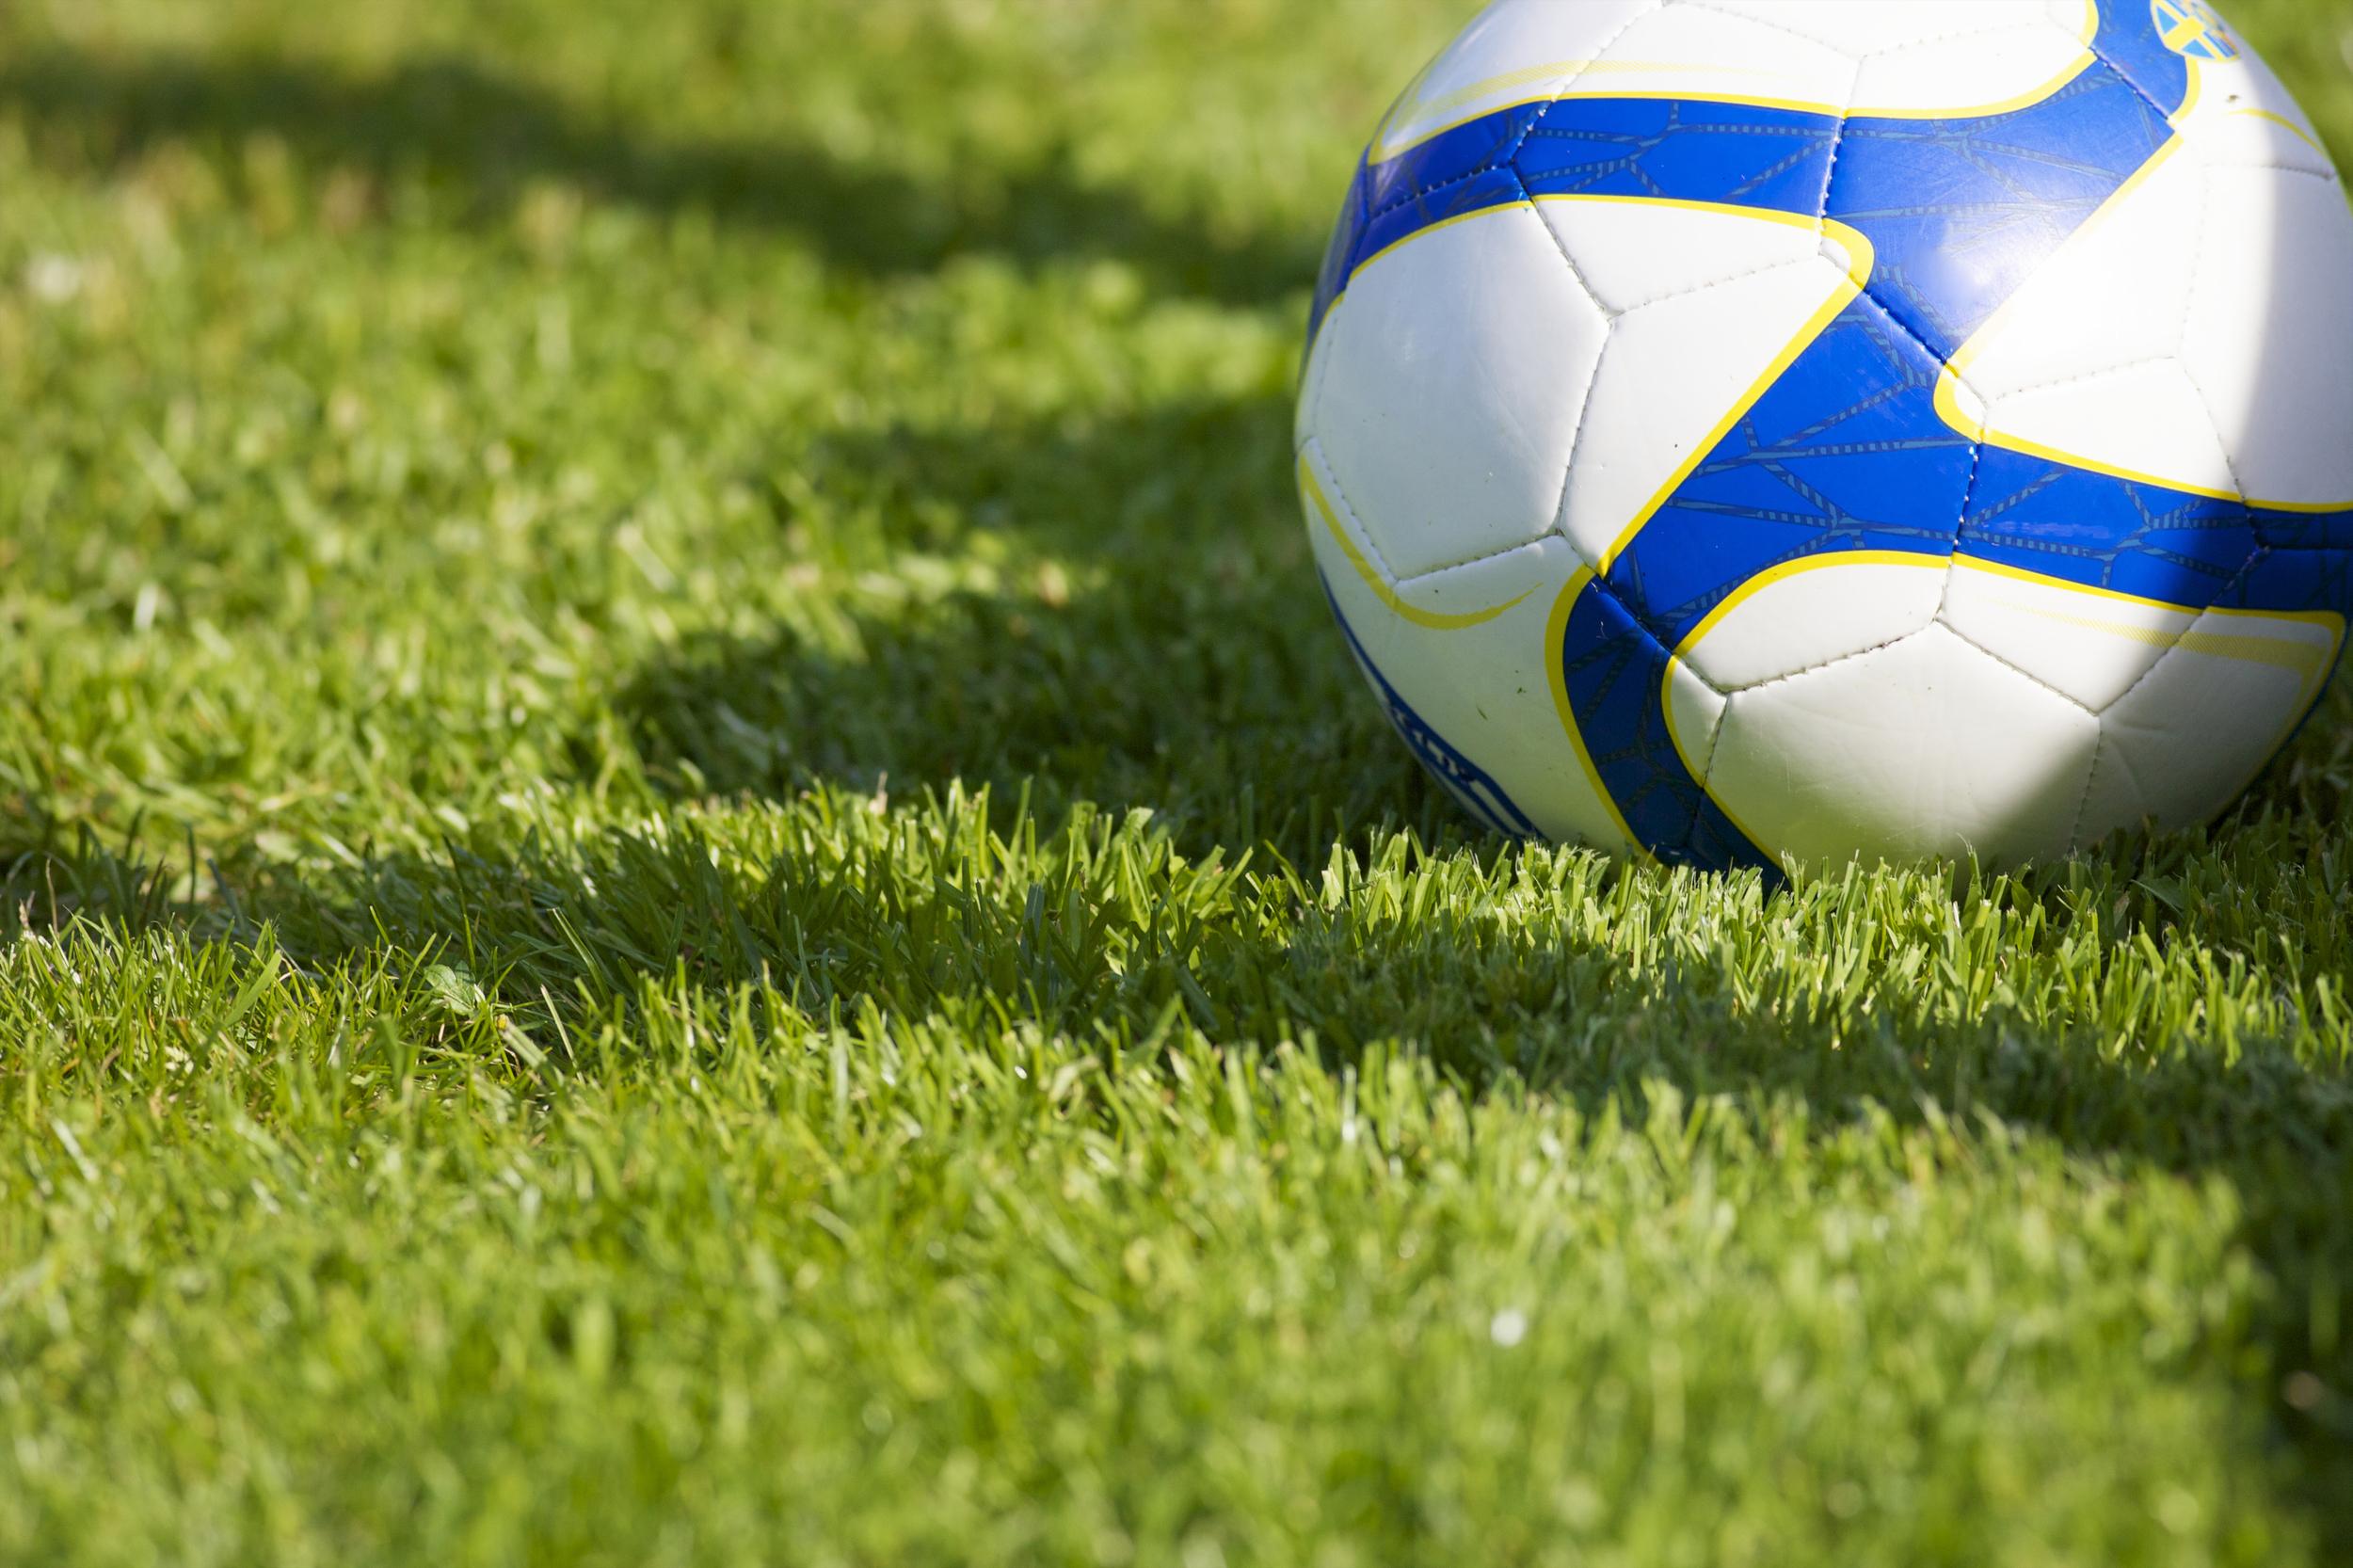 Nickar kan förbjudas inom ungdomsfotbollen